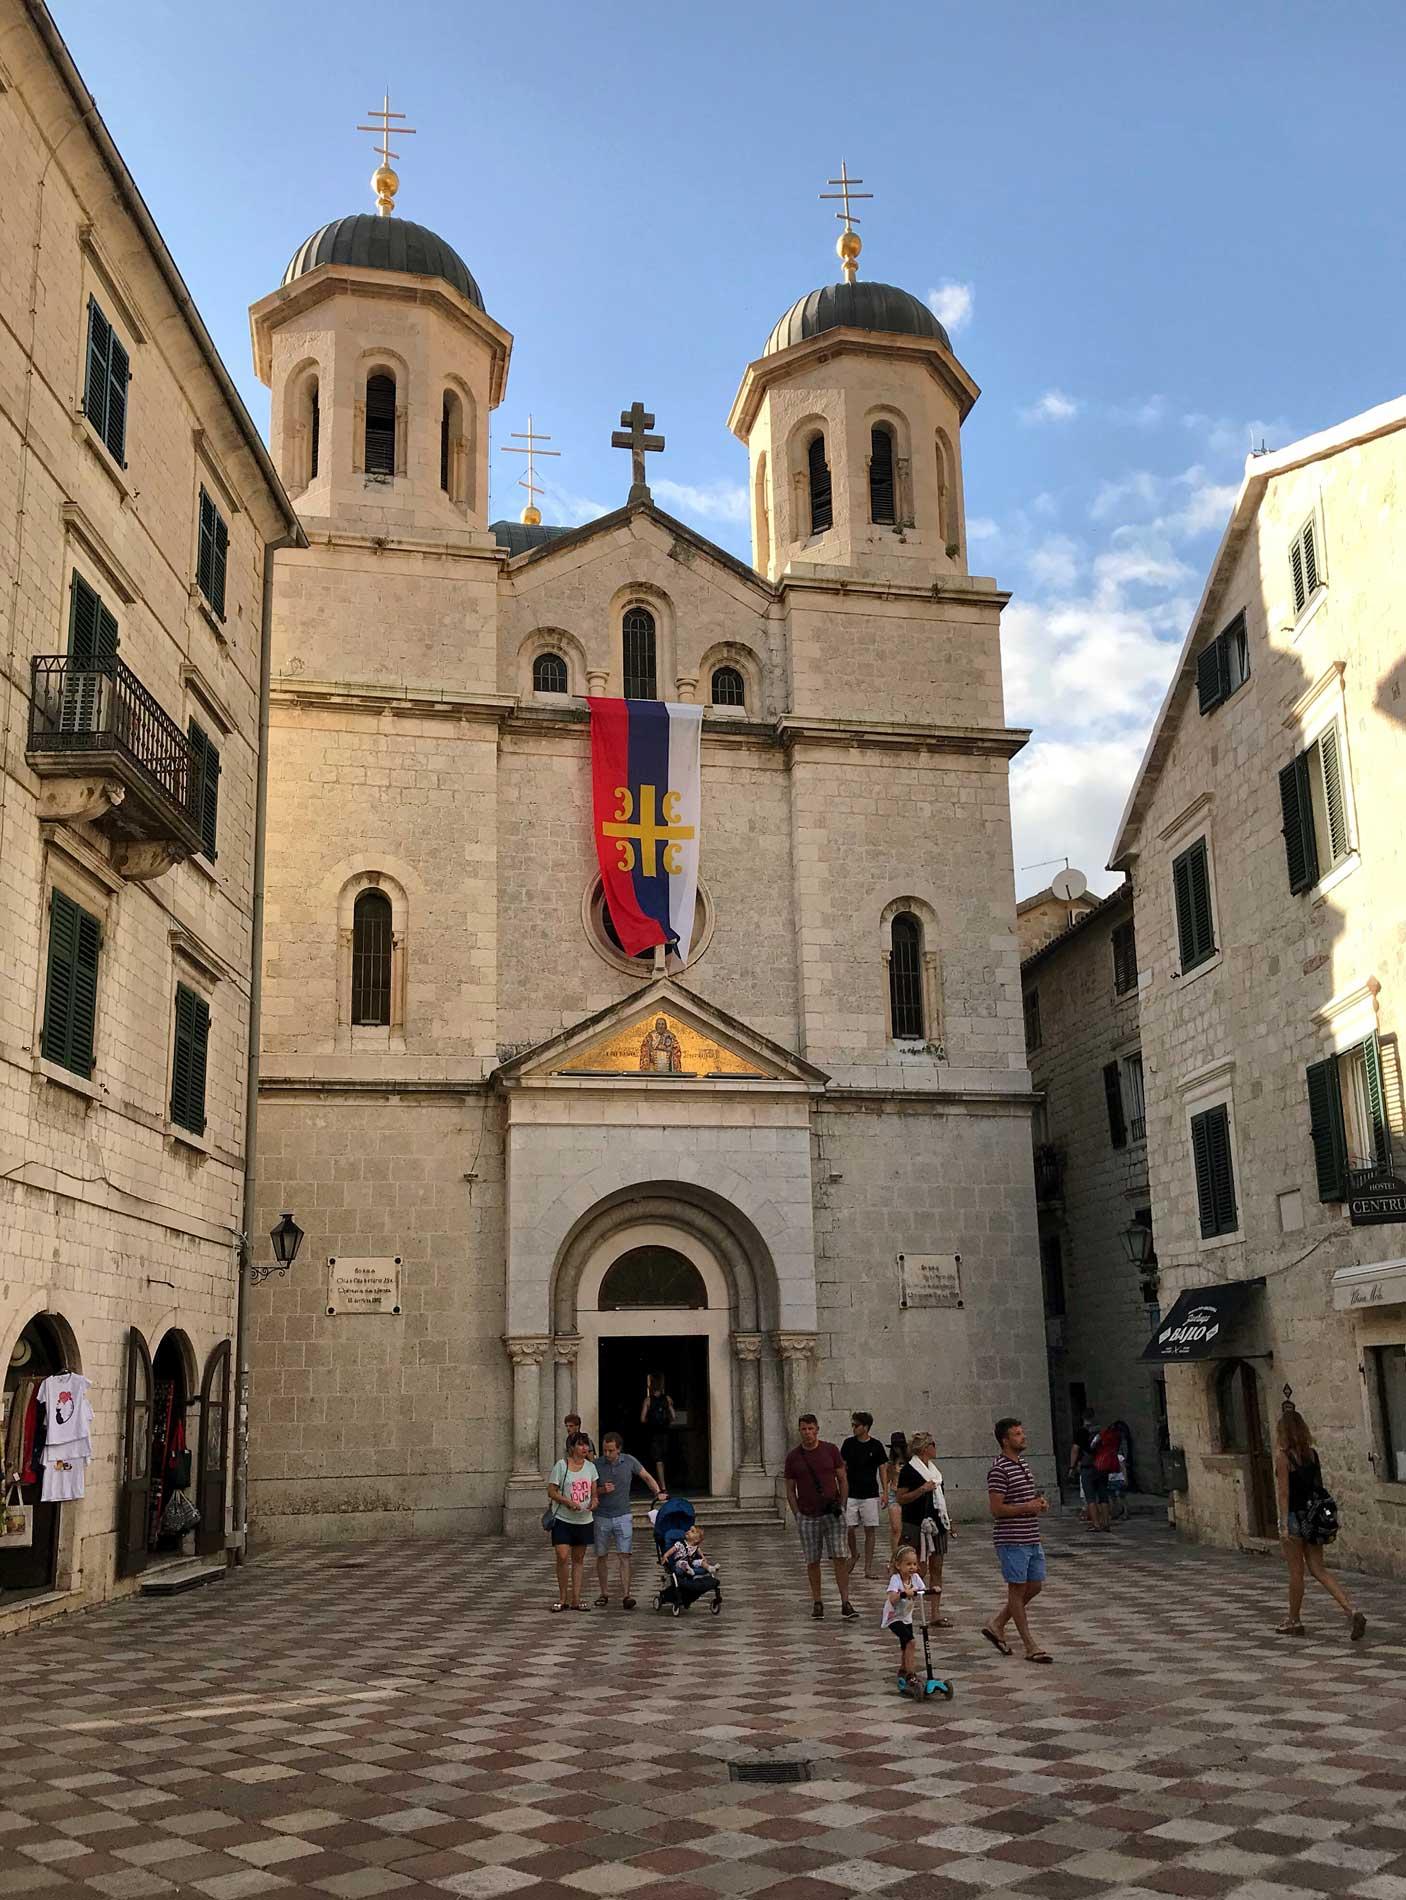 Kotor-Montenegro-Chiesa-di-San-Nicola-facciata-bandiera-serba-campanili